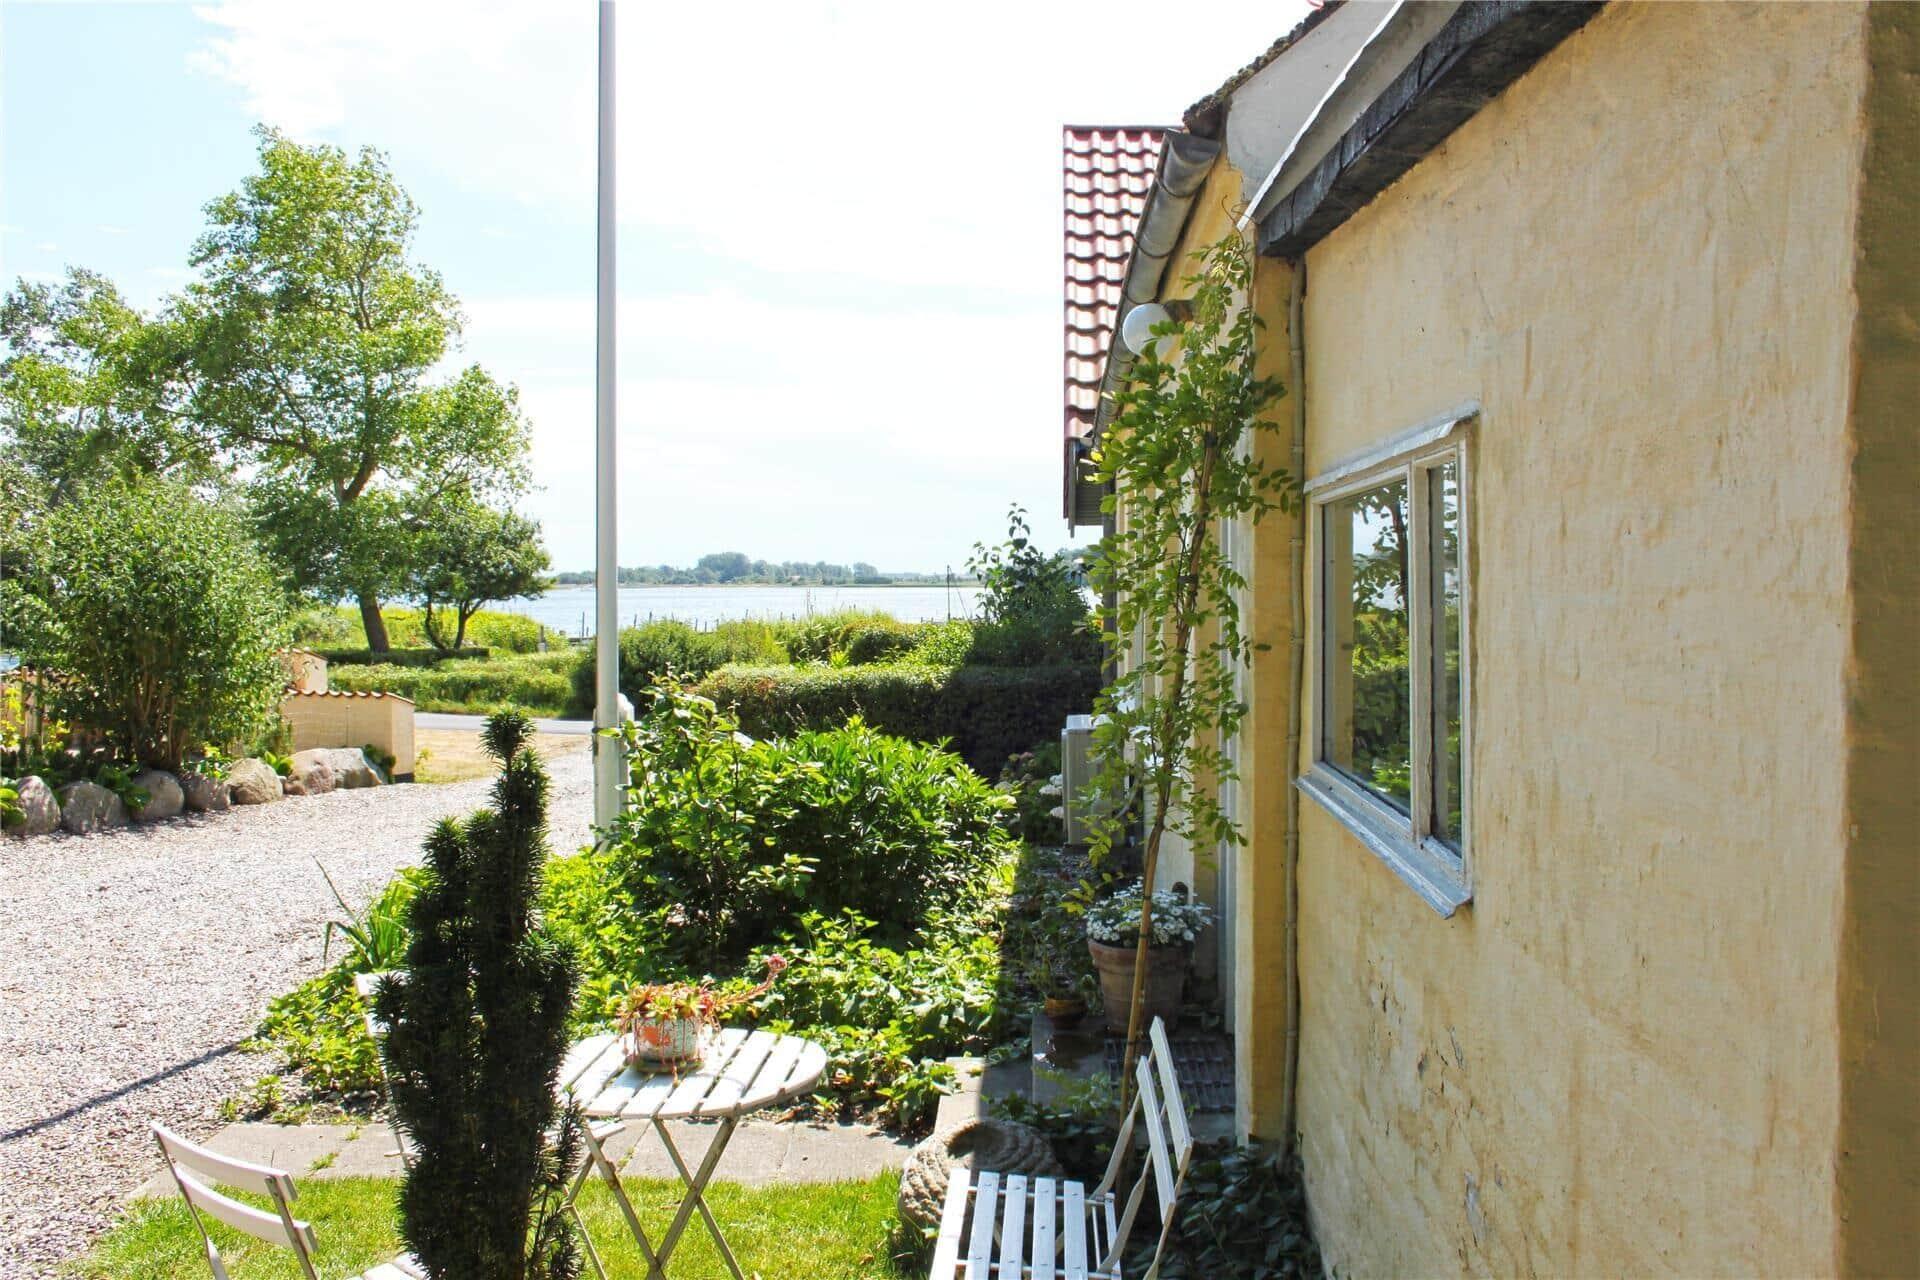 Billede 1-3 Sommerhus M65120, Brunshusevej 23, DK - 5683 Haarby